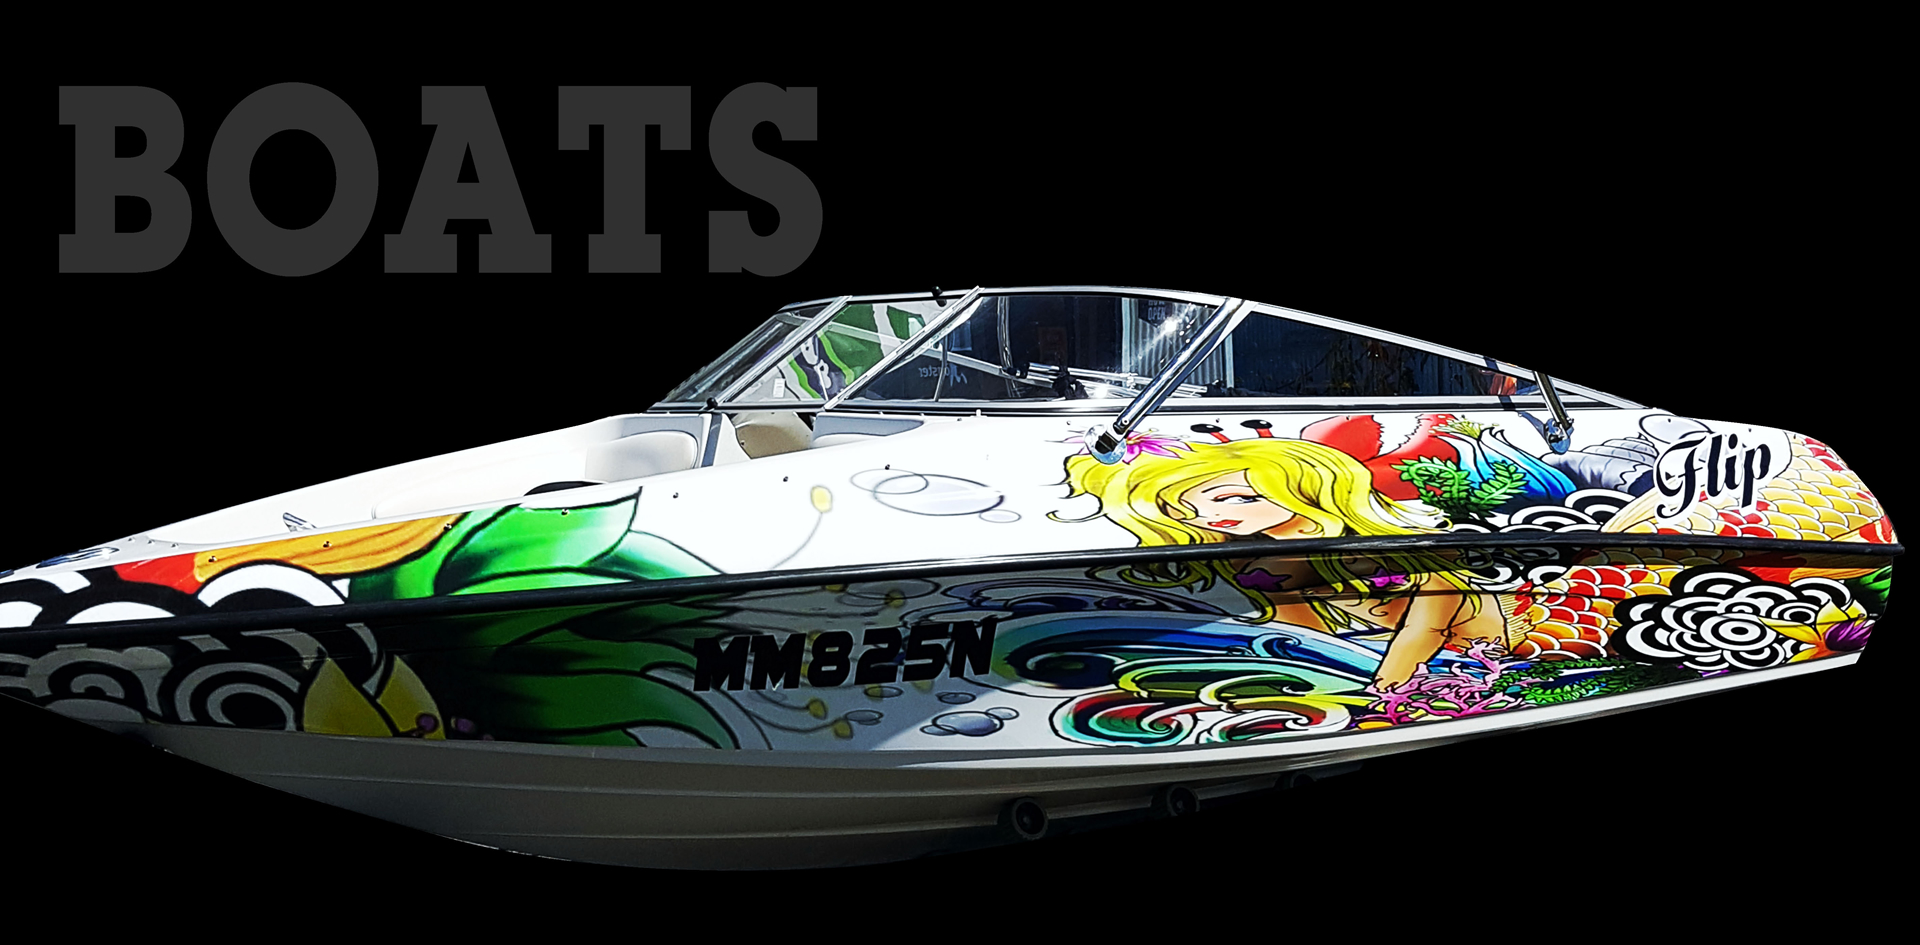 Home_Boats.jpg